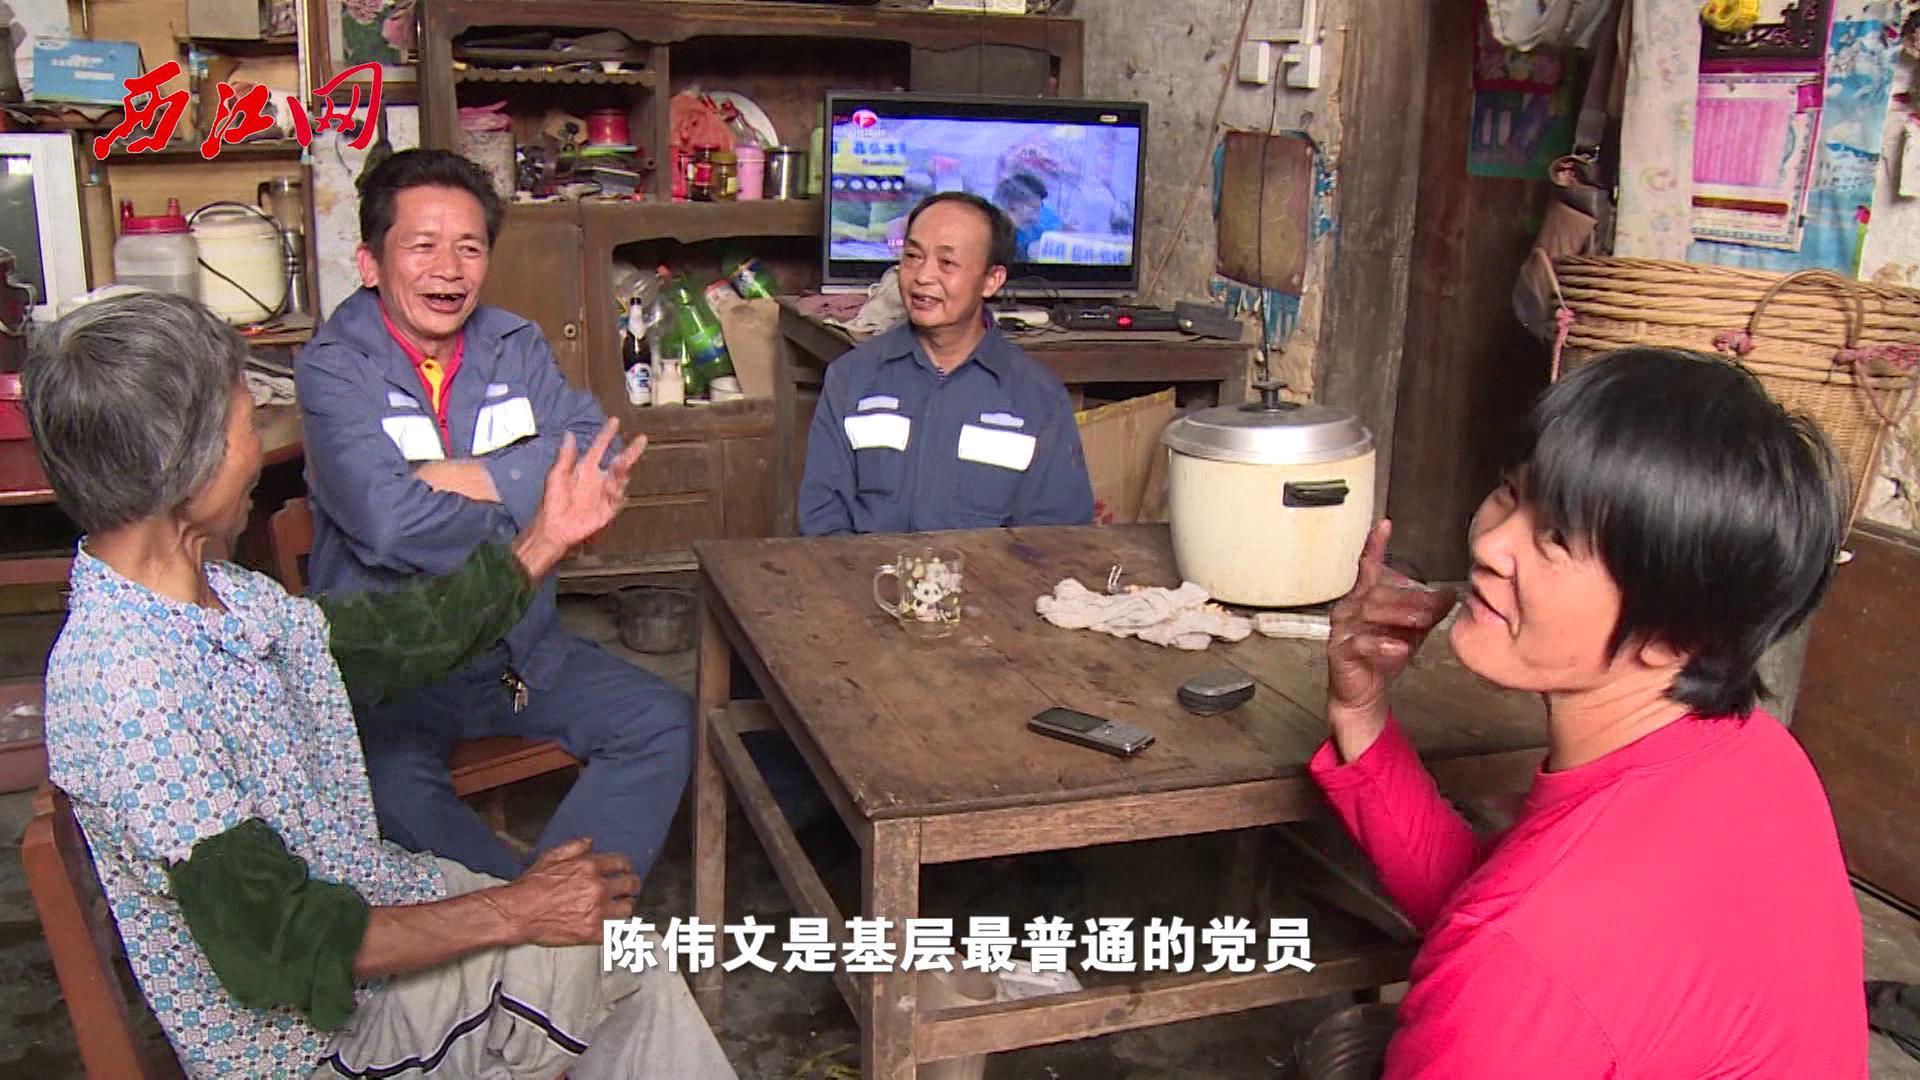 肇庆供电局:两个人的坚守  39年深山护电人